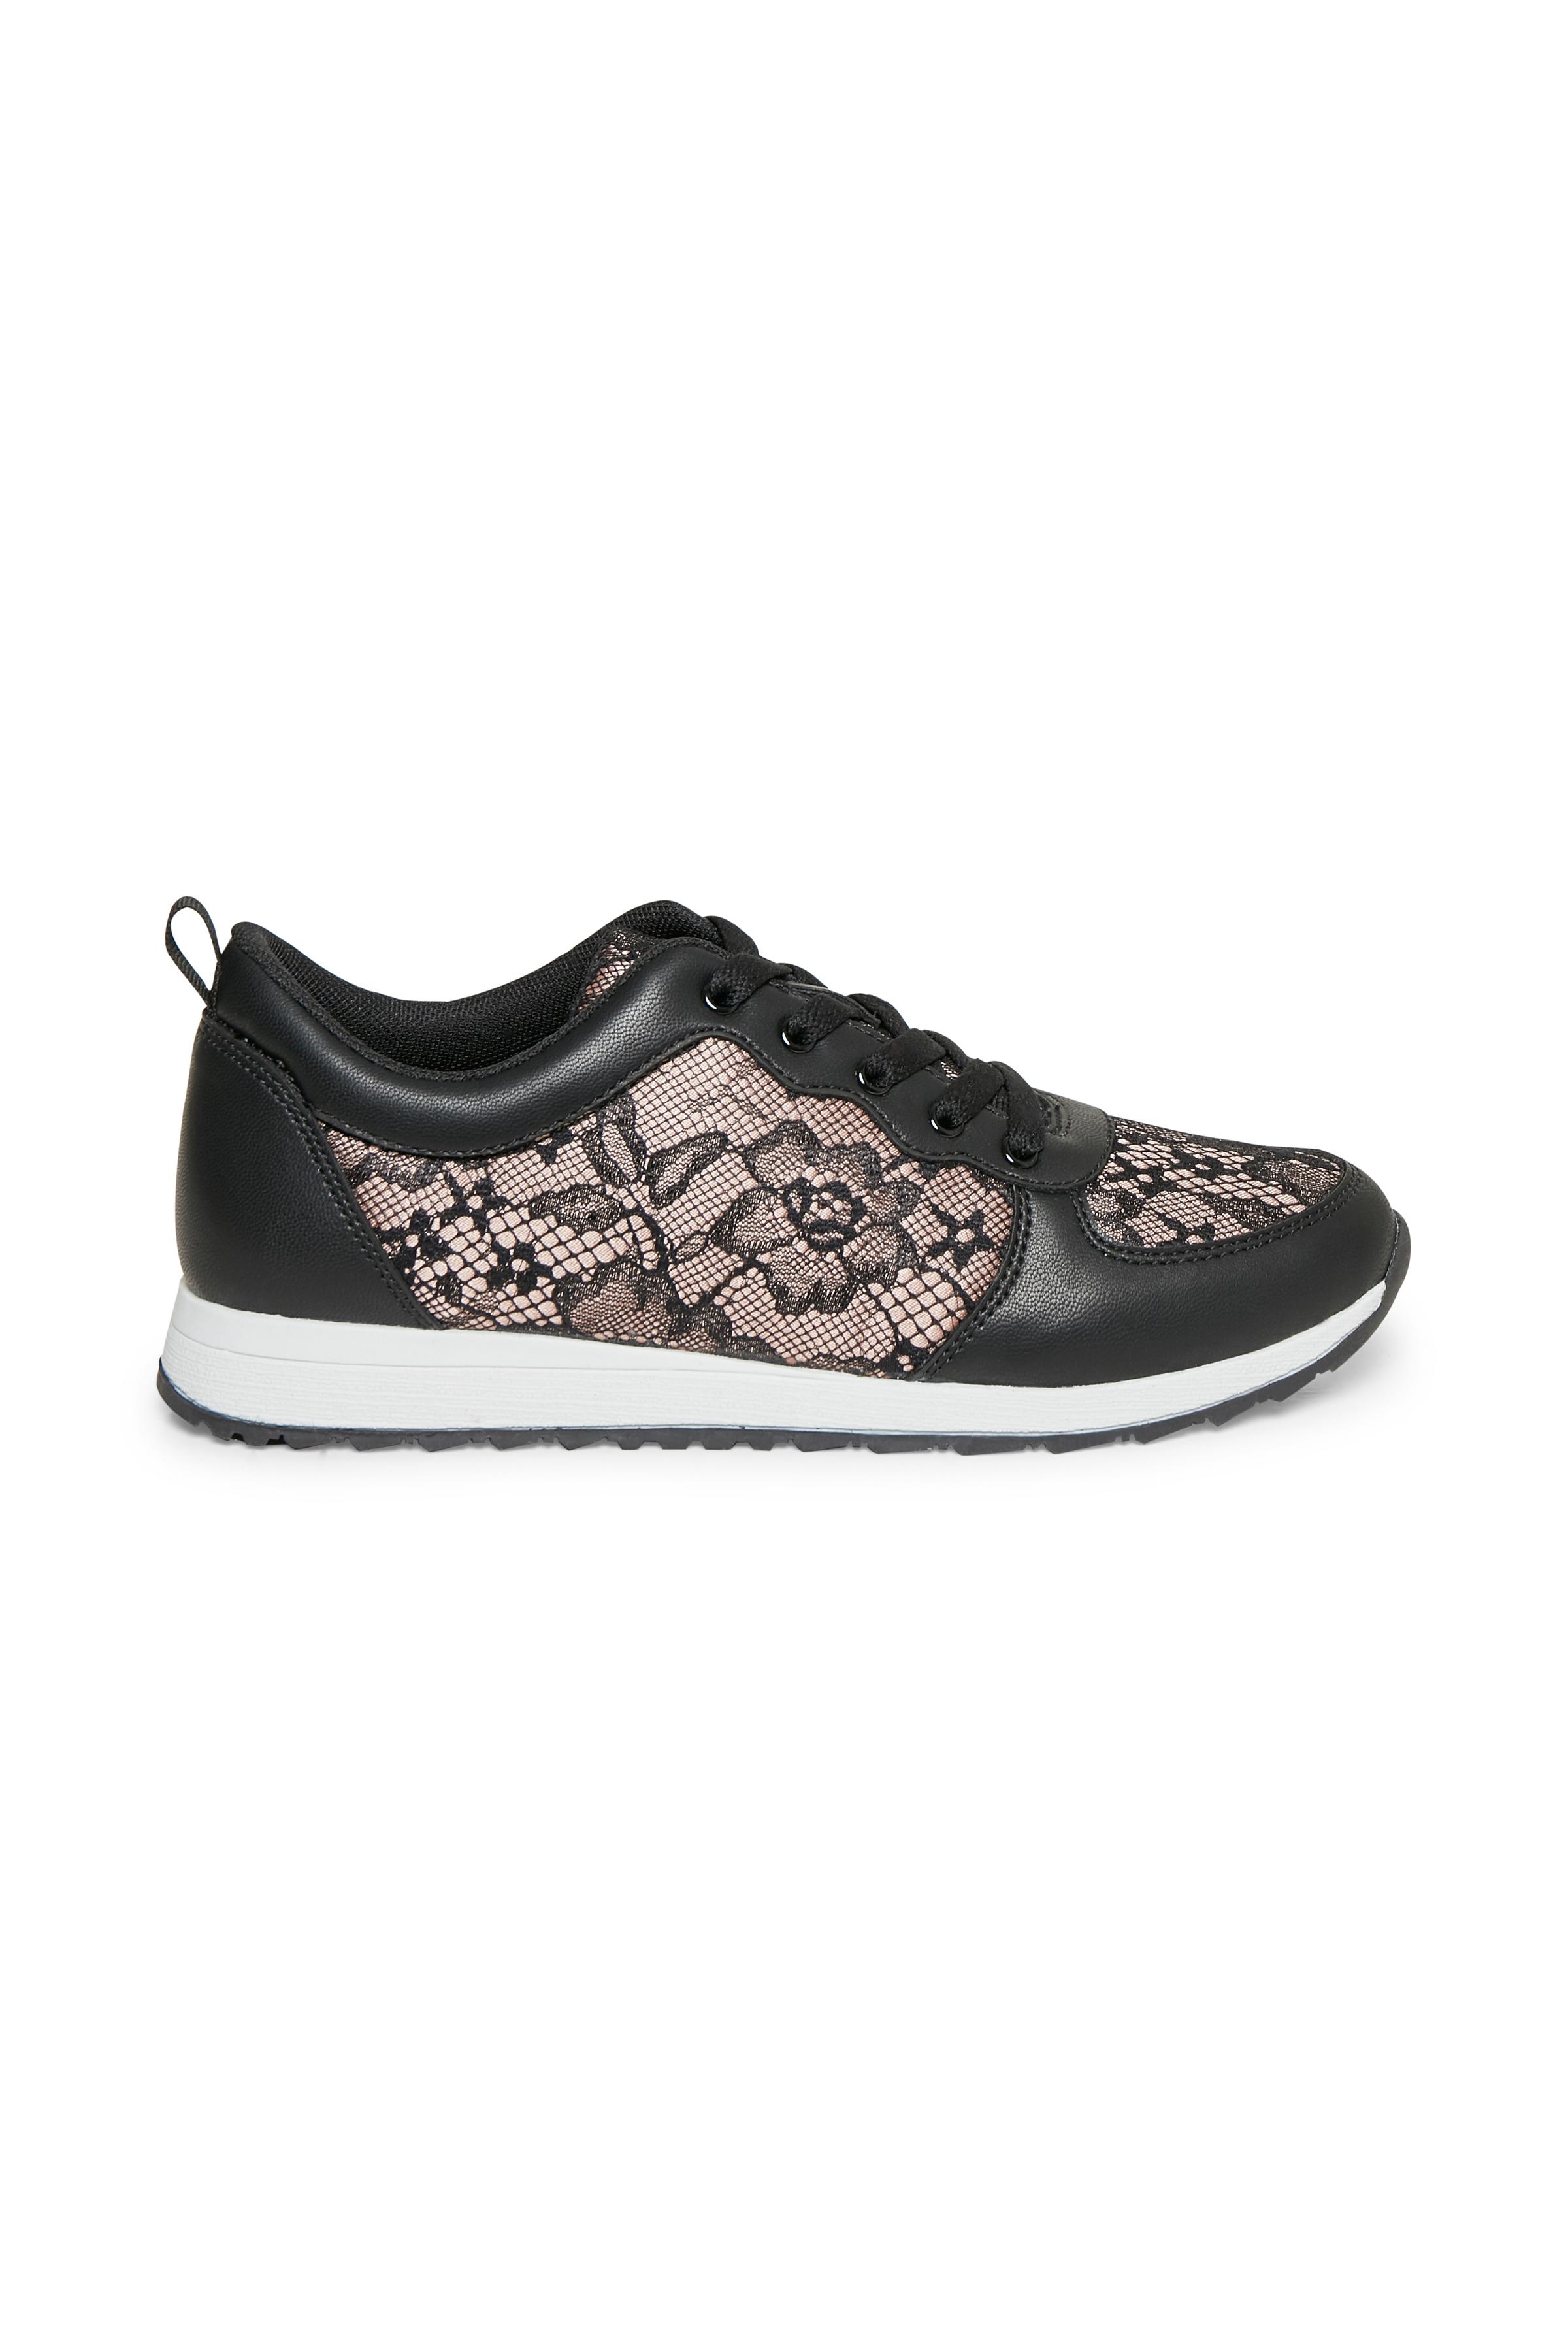 Svart Sneakers från Cream Accessories – Köp Svart Sneakers från stl. 36-41 här